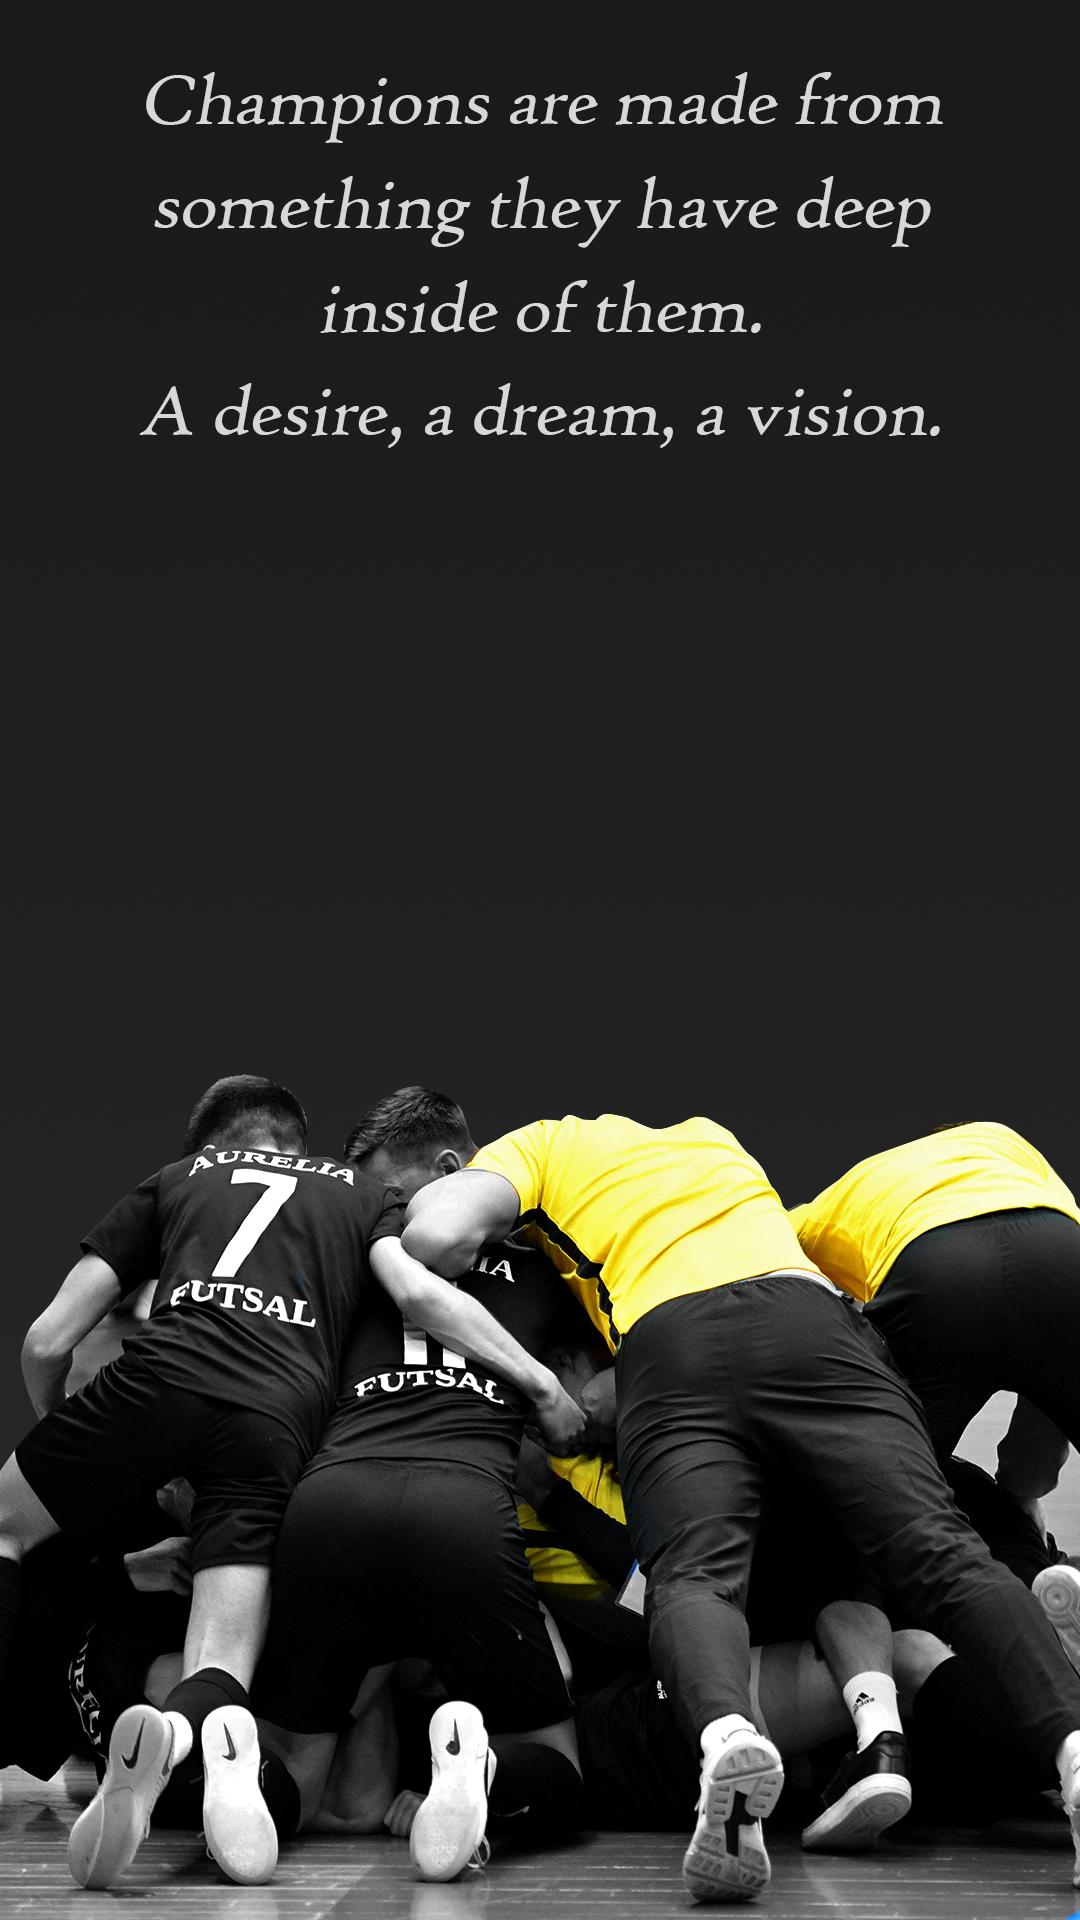 A desire, a dream, a vision.